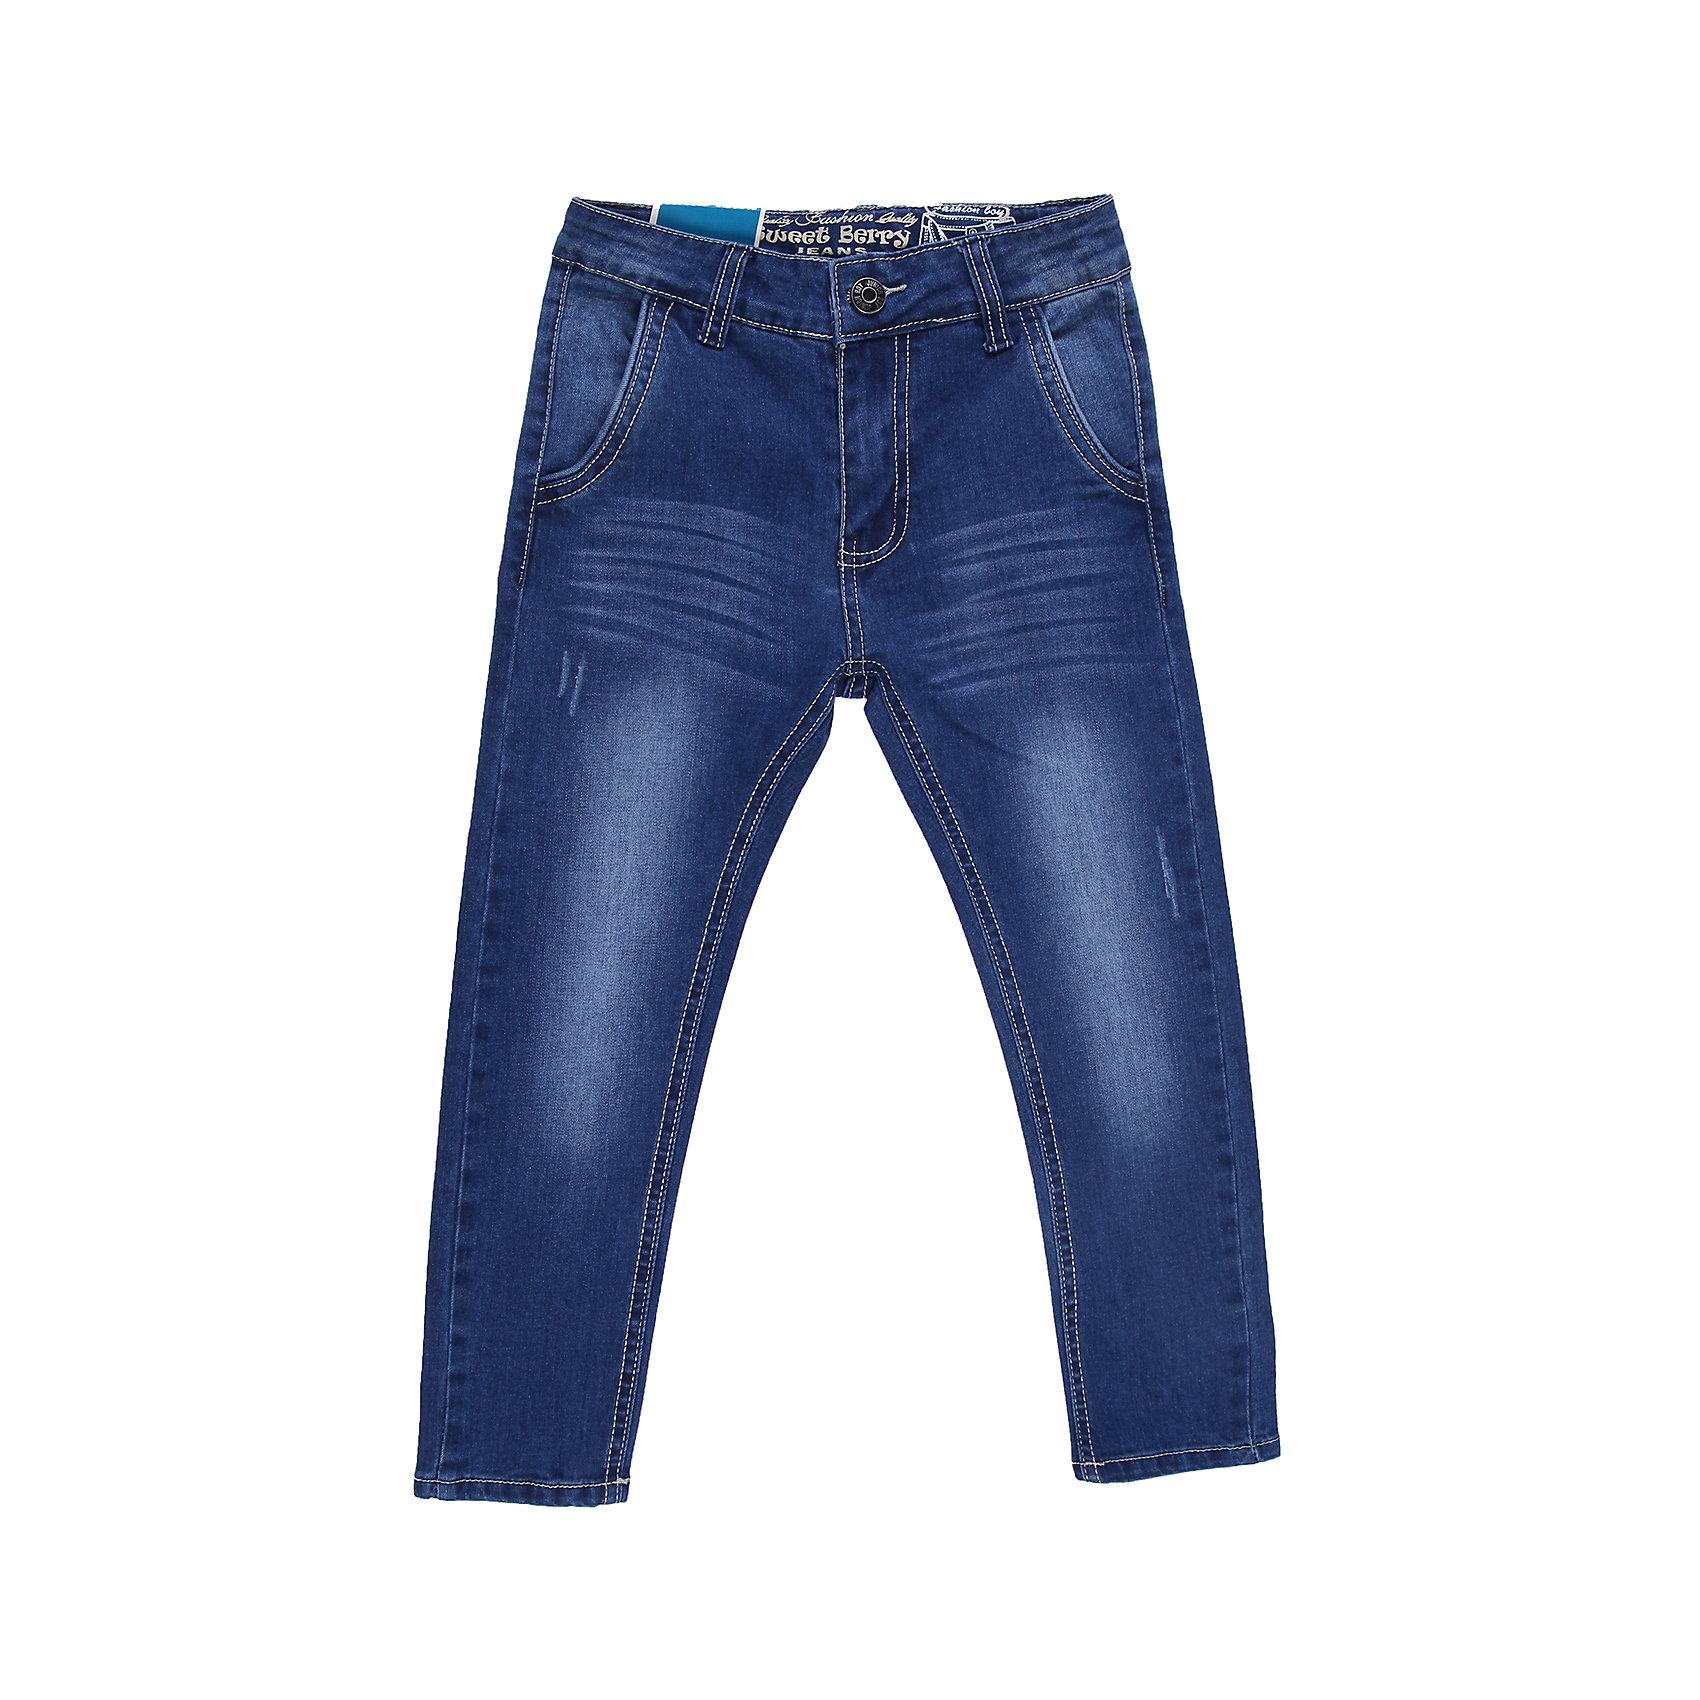 Джинсы для мальчика Sweet BerryДжинсовая одежда<br>Классические джинсы для мальчика, пояс с внутренней резинкой на пуговицах, для лучшей посадки,<br>Состав:<br>98% хлопок 2%эластан<br><br>Ширина мм: 215<br>Глубина мм: 88<br>Высота мм: 191<br>Вес г: 336<br>Цвет: синий<br>Возраст от месяцев: 24<br>Возраст до месяцев: 36<br>Пол: Мужской<br>Возраст: Детский<br>Размер: 98,110,122,104,128,116<br>SKU: 4522568